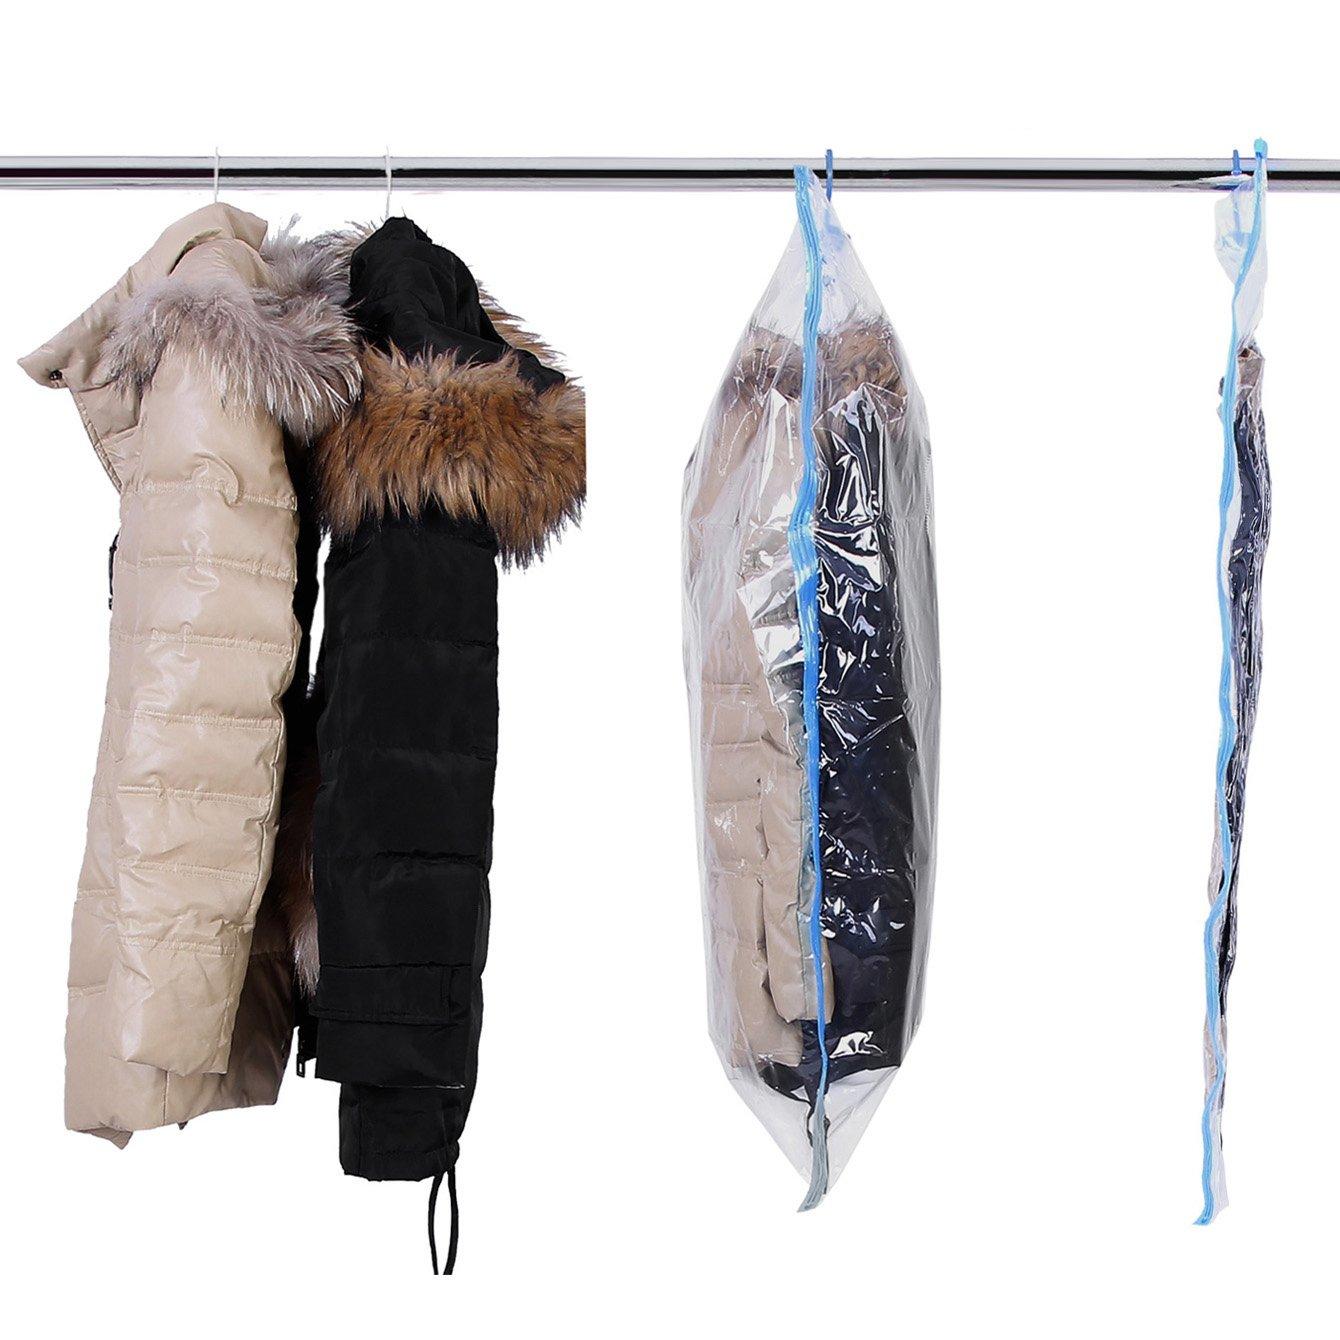 Songmics Bolsas de almacenaje de ropa al vacío (6 unidades), con gancho, Funda protectora de ropa RVM06T   Comentarios y más información